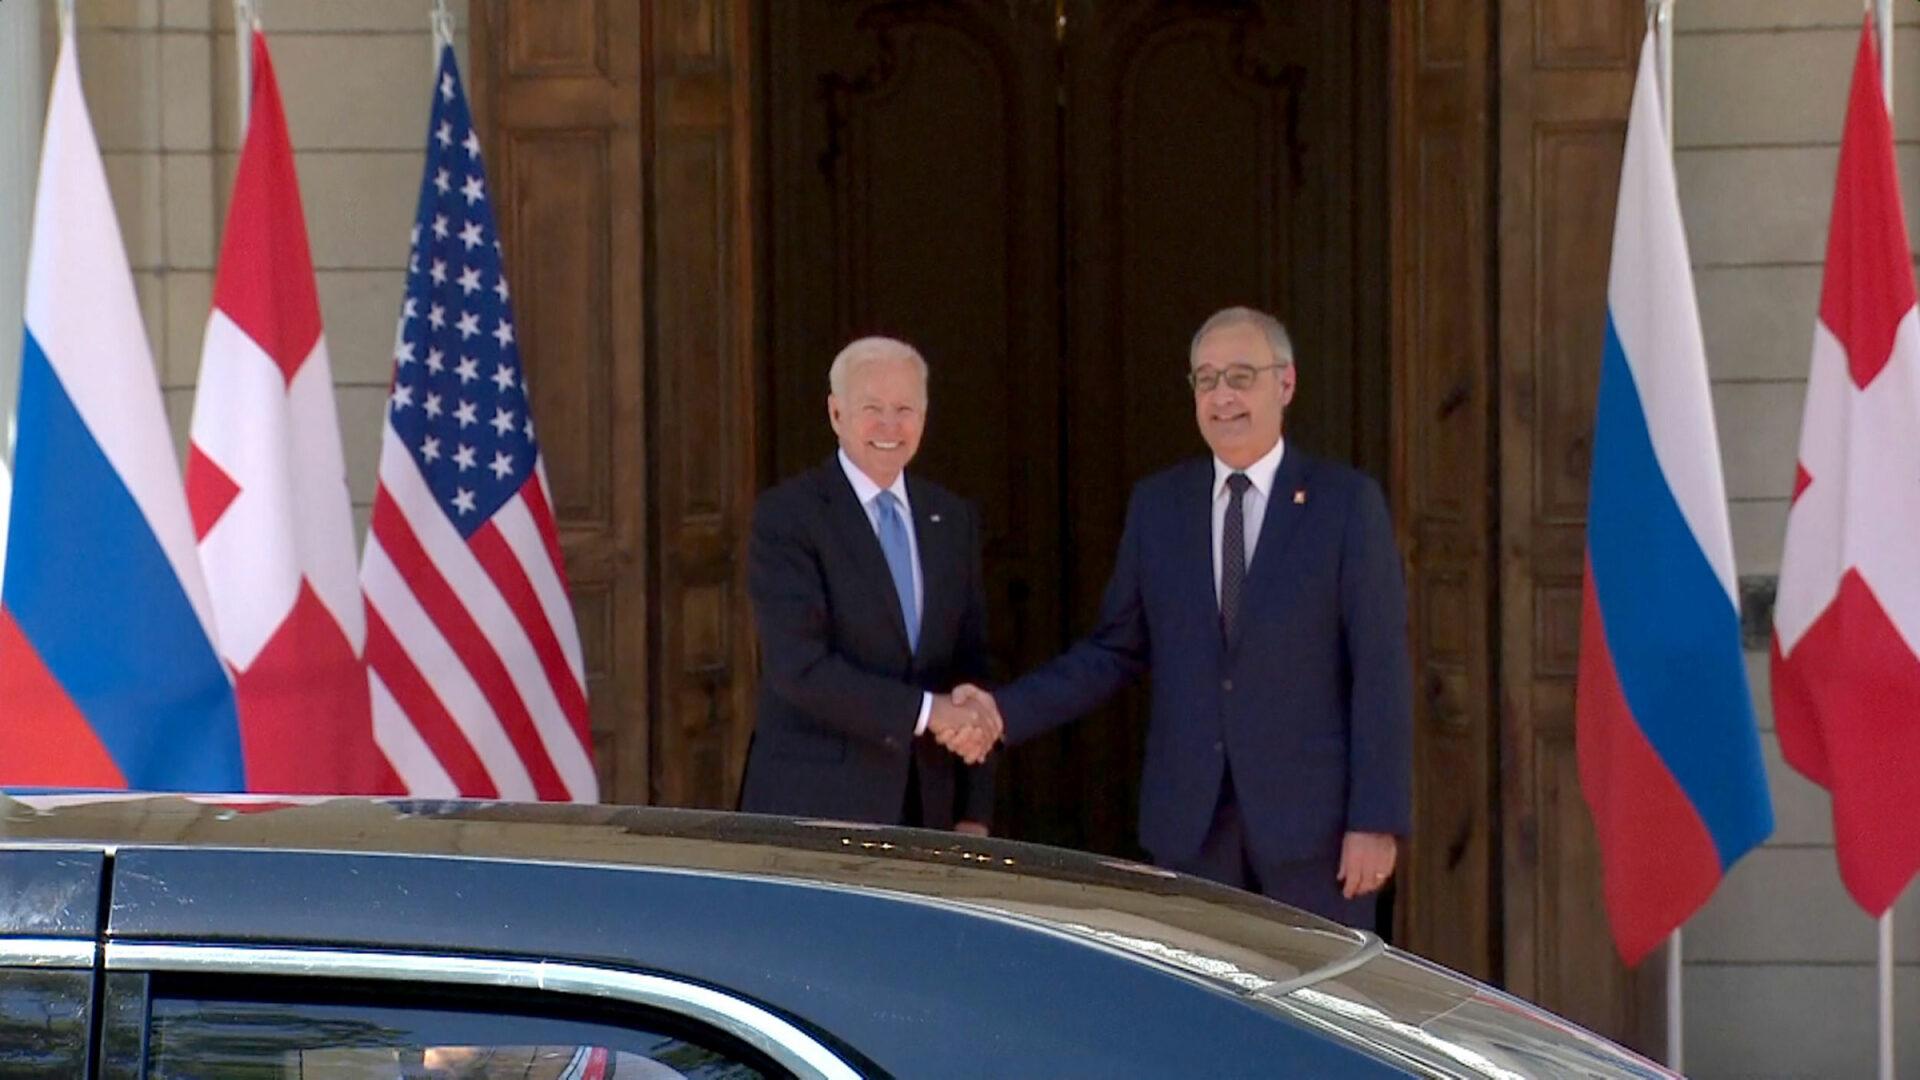 Joe Biden, la sosirea la vila care găzduieşte summit-ul